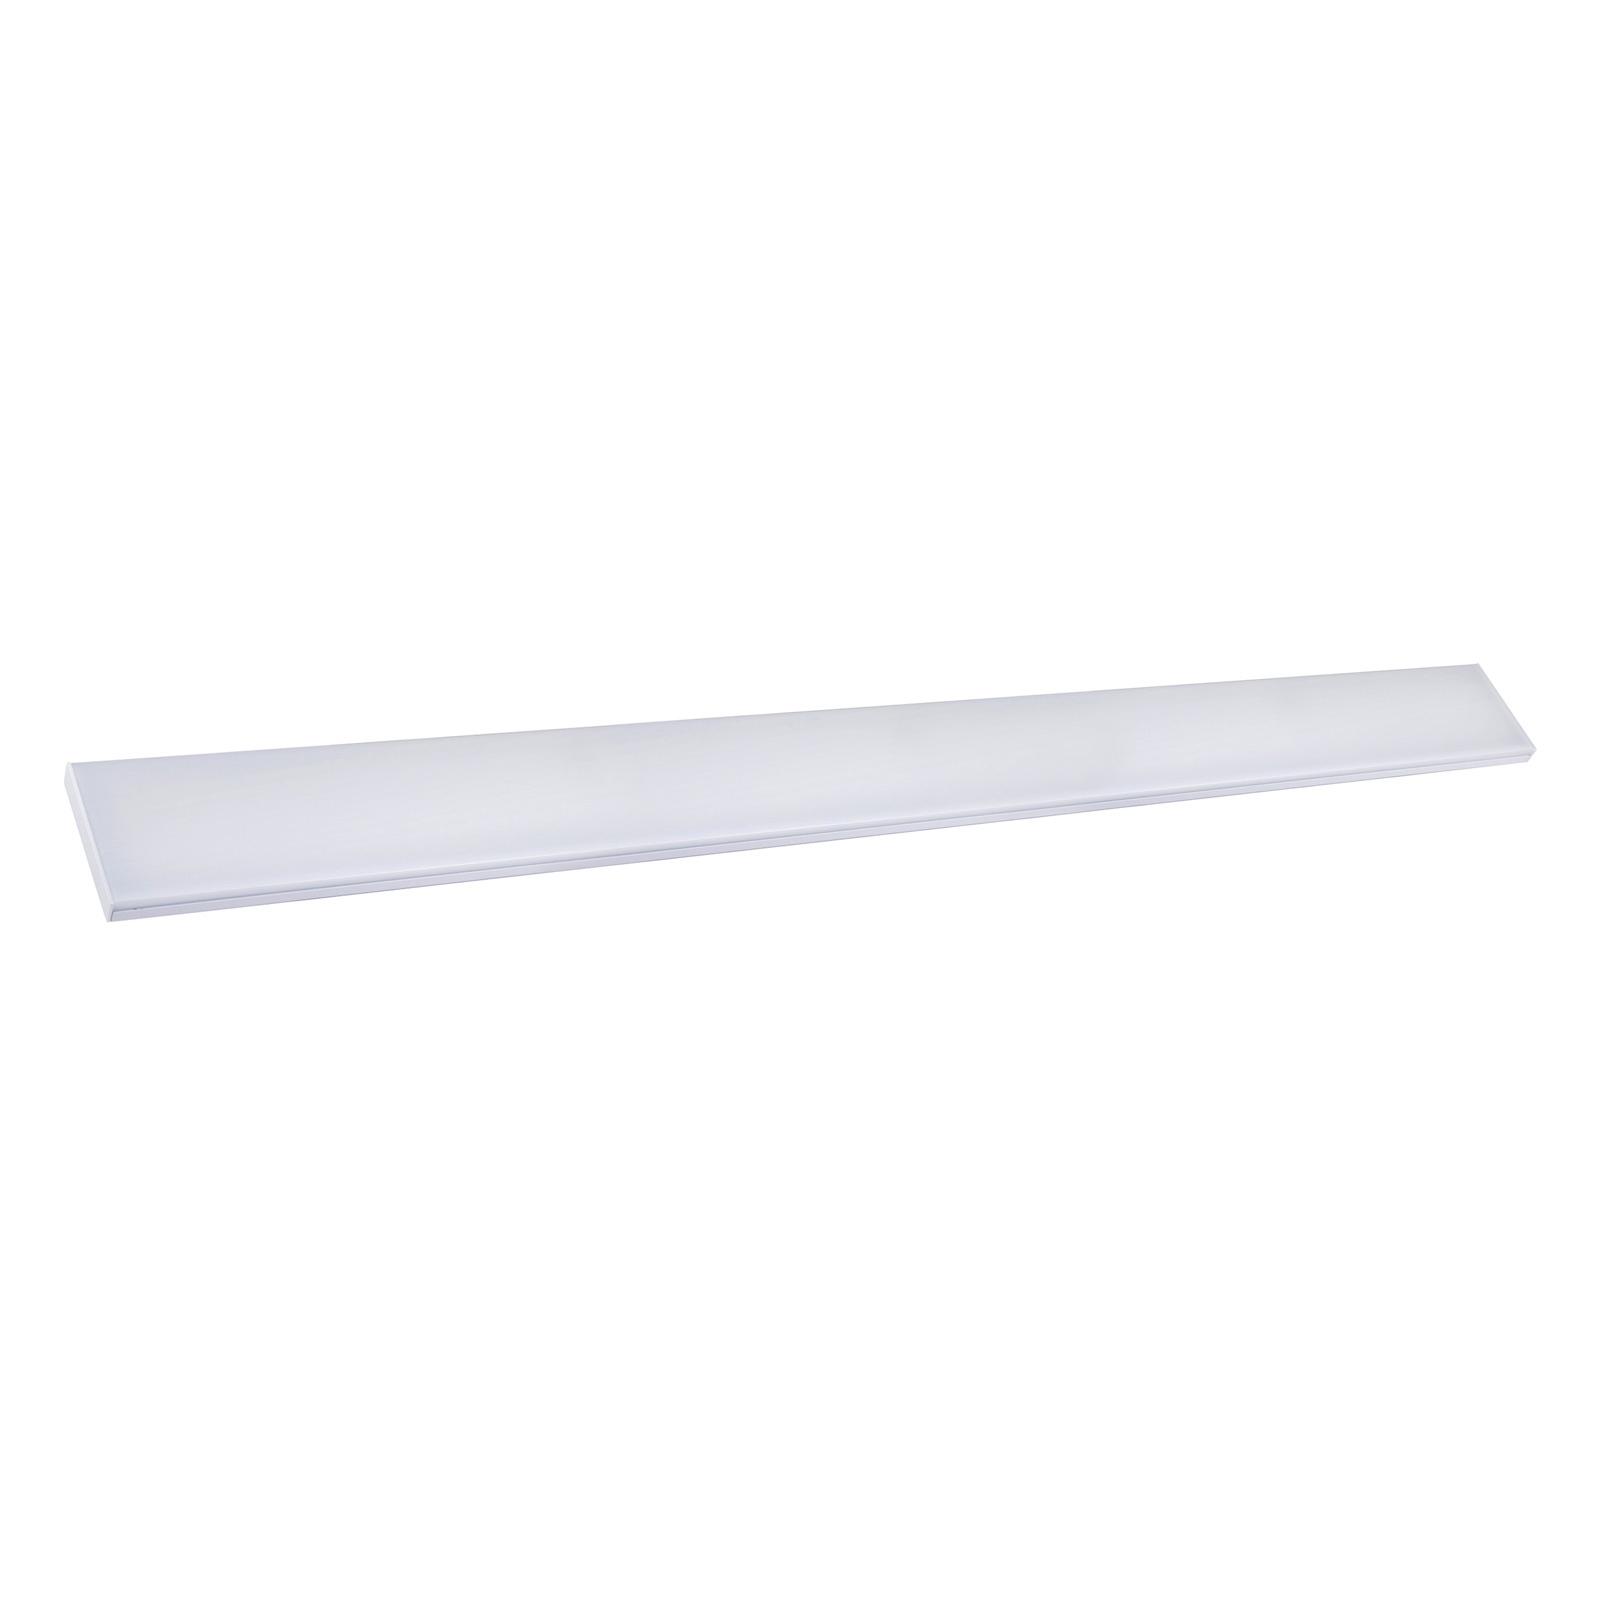 LED-kattovalaisin Planus 120 perusvalkoinen